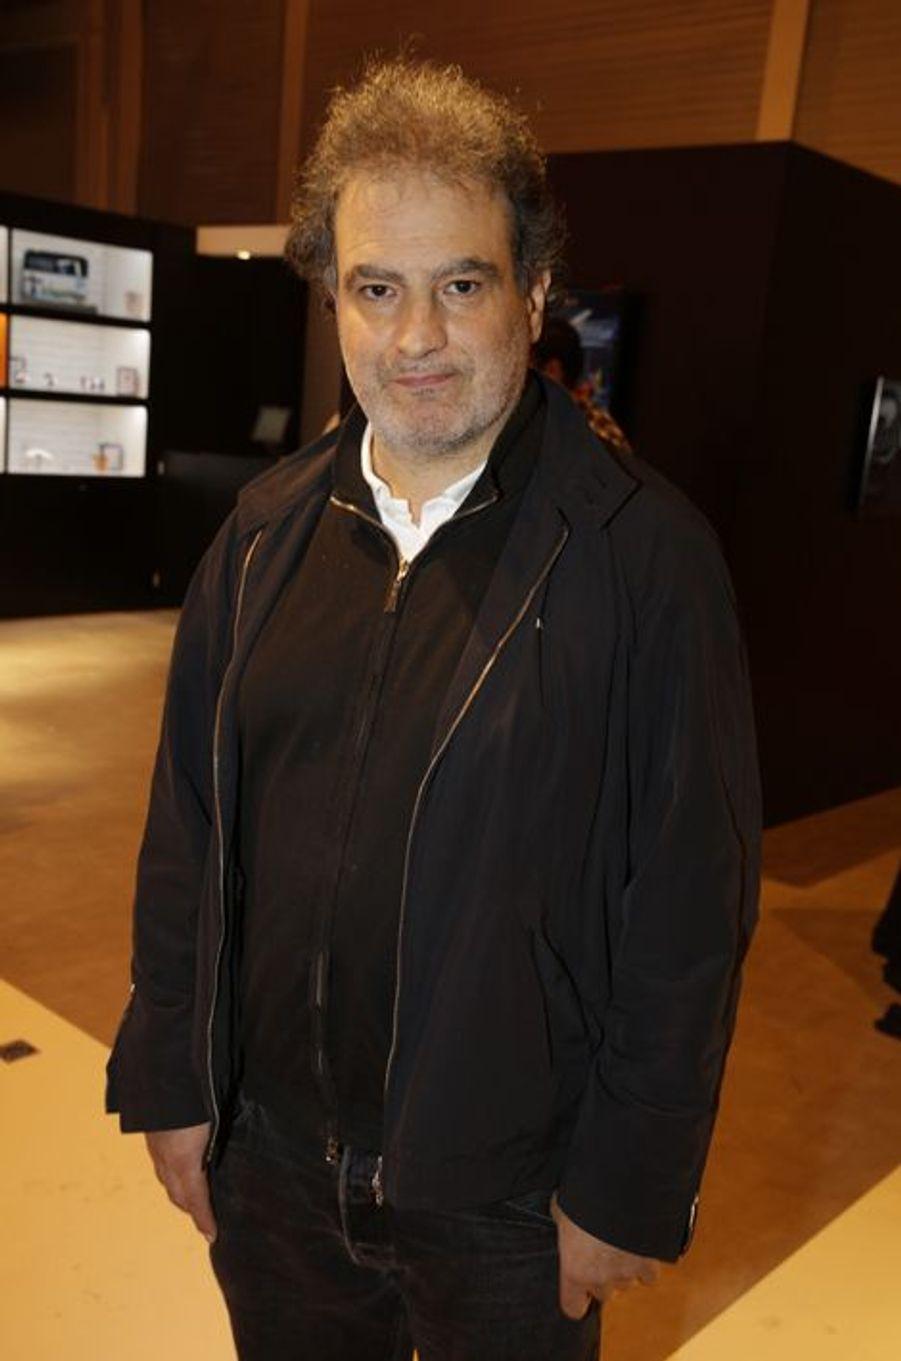 Raphaël Mezrahi au Salon de l'Automobile 2014 à Paris le 2 octobre 2014